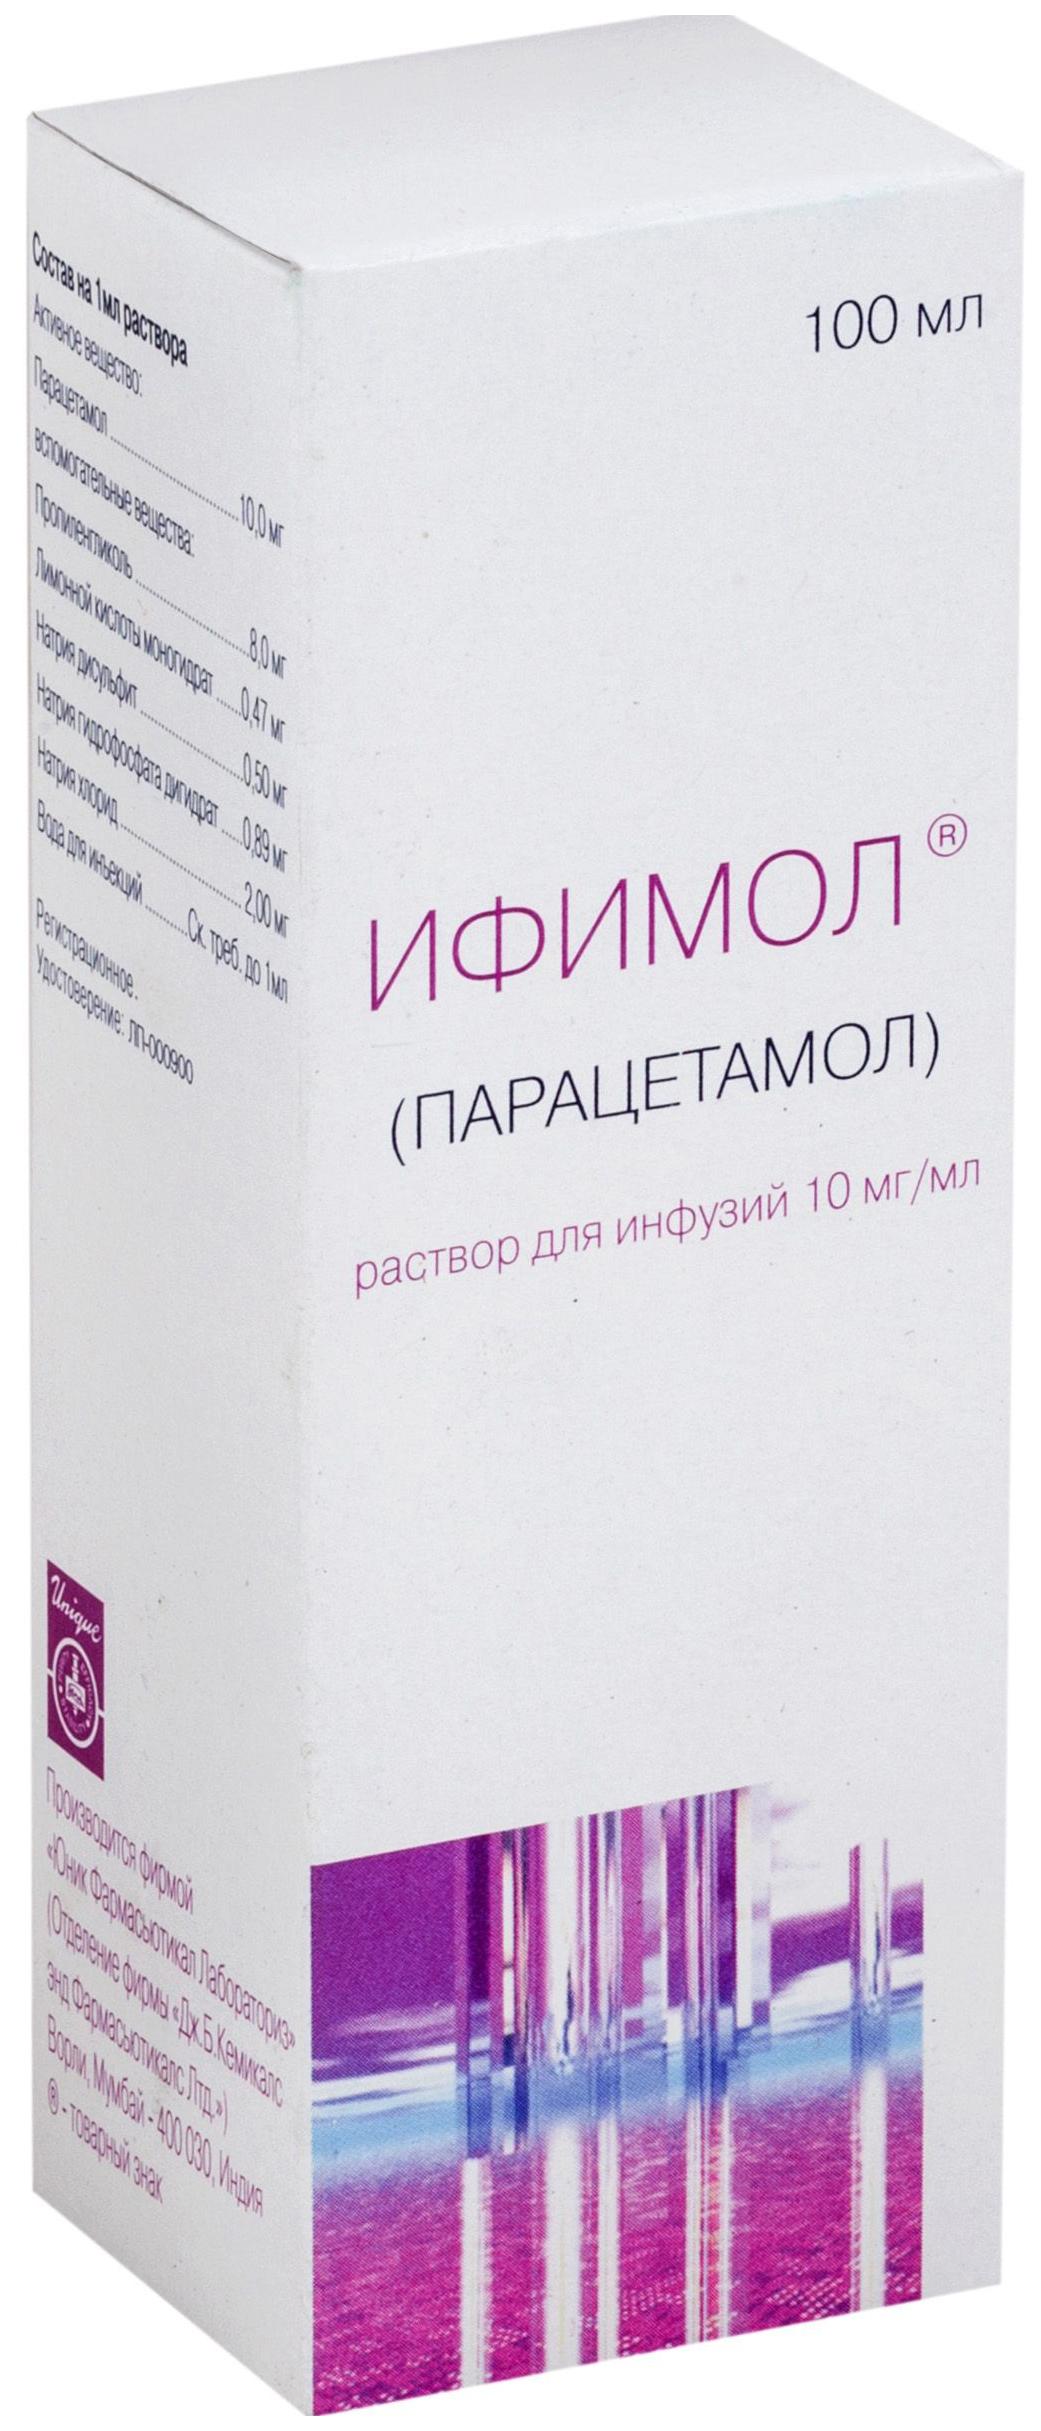 ИФИМОЛ 10мг/мл 100мл раствор для инфузий Юник фармасьютикал лабораториз